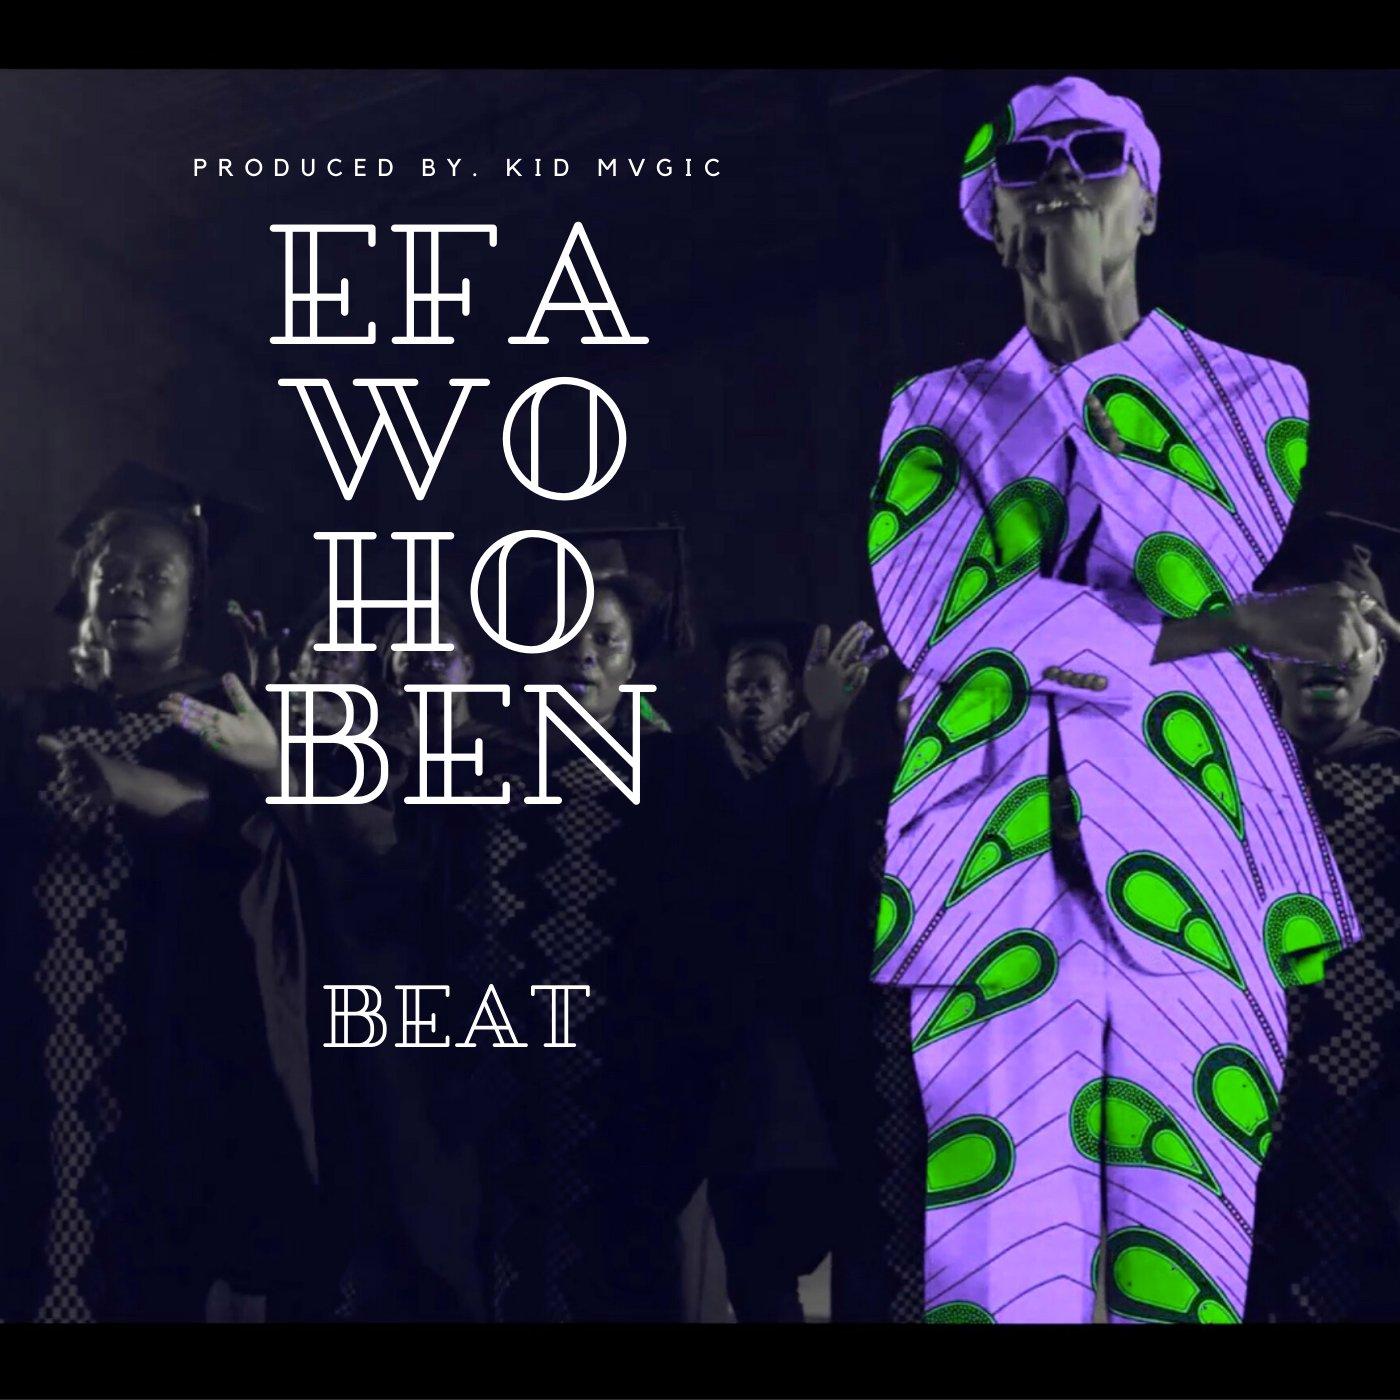 E.L - Efa Wo Ho Ben (Instrumental)